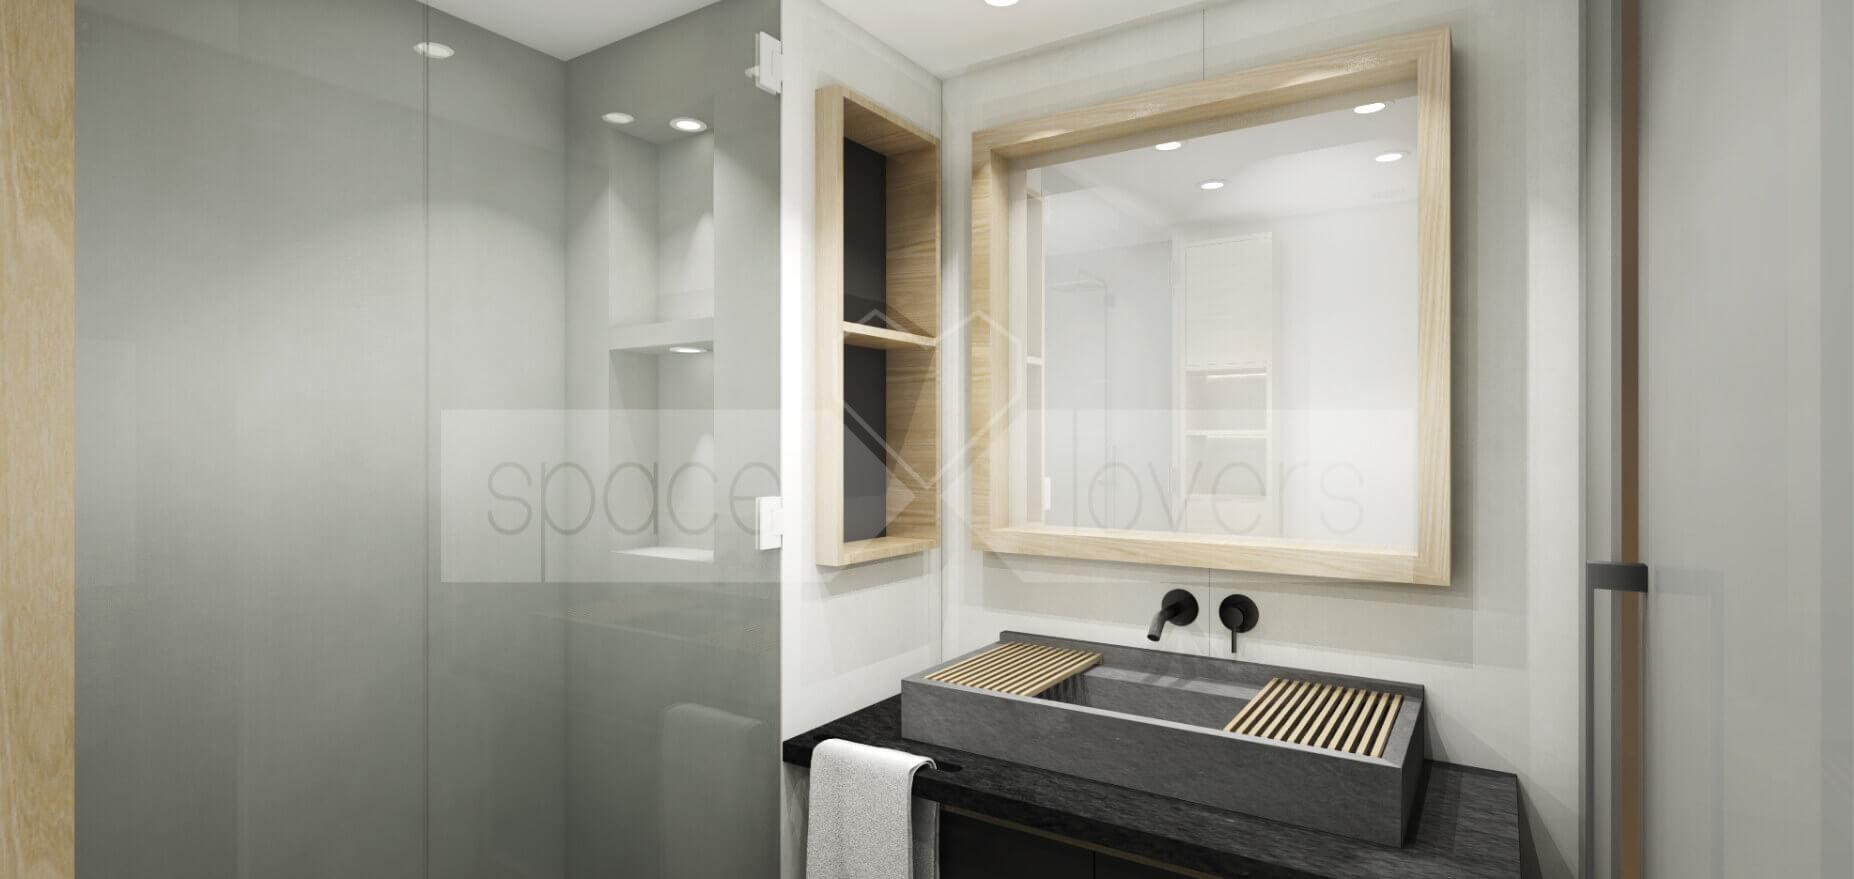 remodelacao-apartamento-parque-das-nacoes-lisboa-casa-banho-suite-bancada-ardosia-espelho